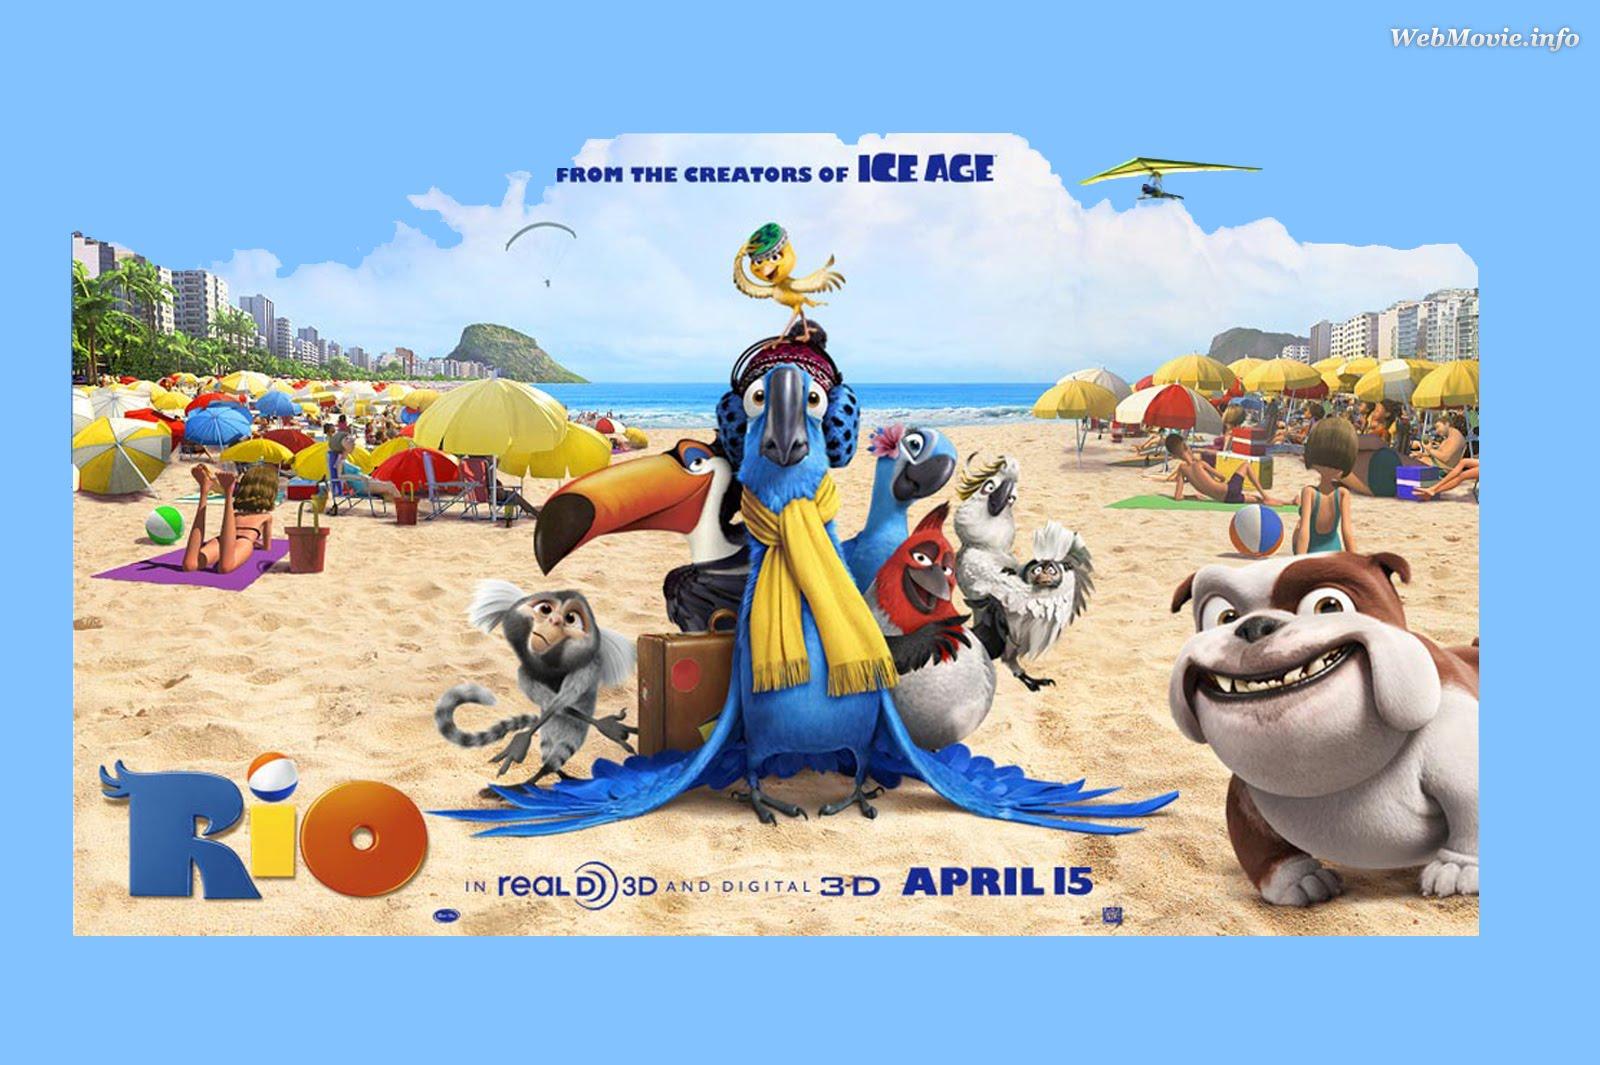 http://1.bp.blogspot.com/-vakUHQ6_gu4/TbHV-Y6E8AI/AAAAAAAAByg/96WiyFefaE8/s1600/1295313026_rio-movie-wallpaper.jpg